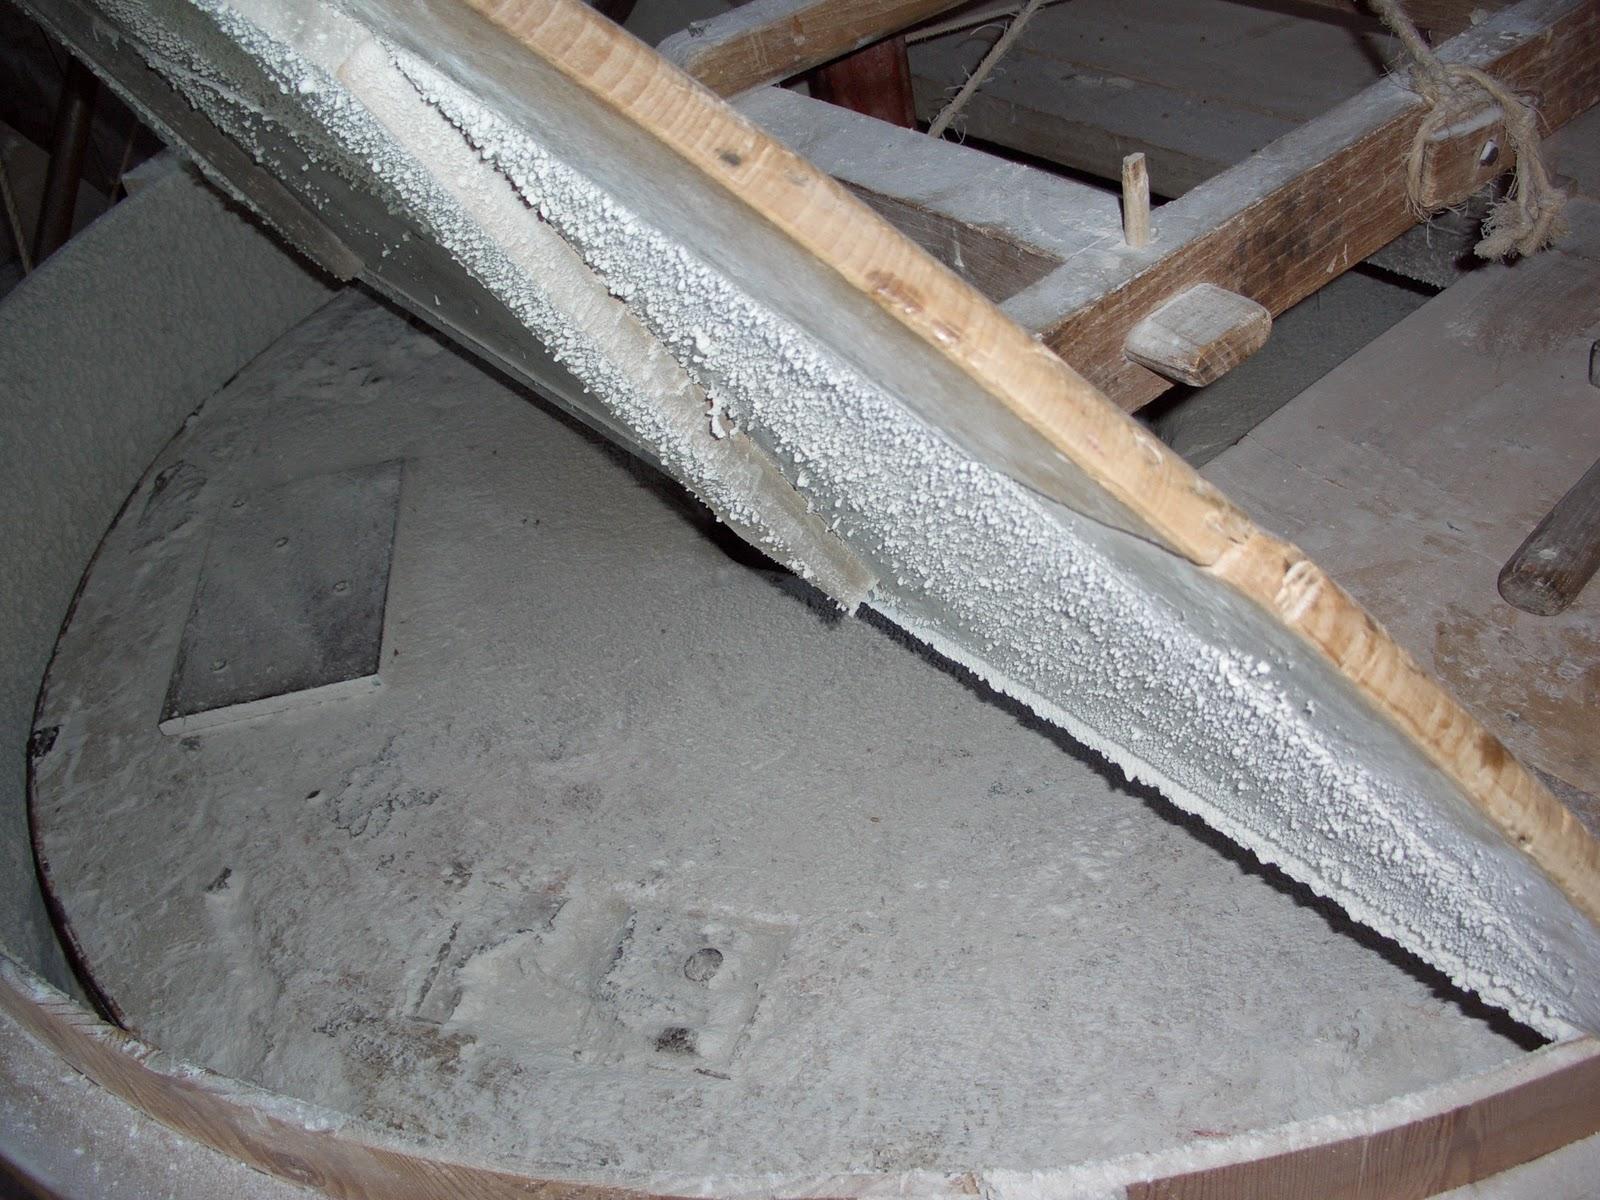 fabrication de la farine pdf